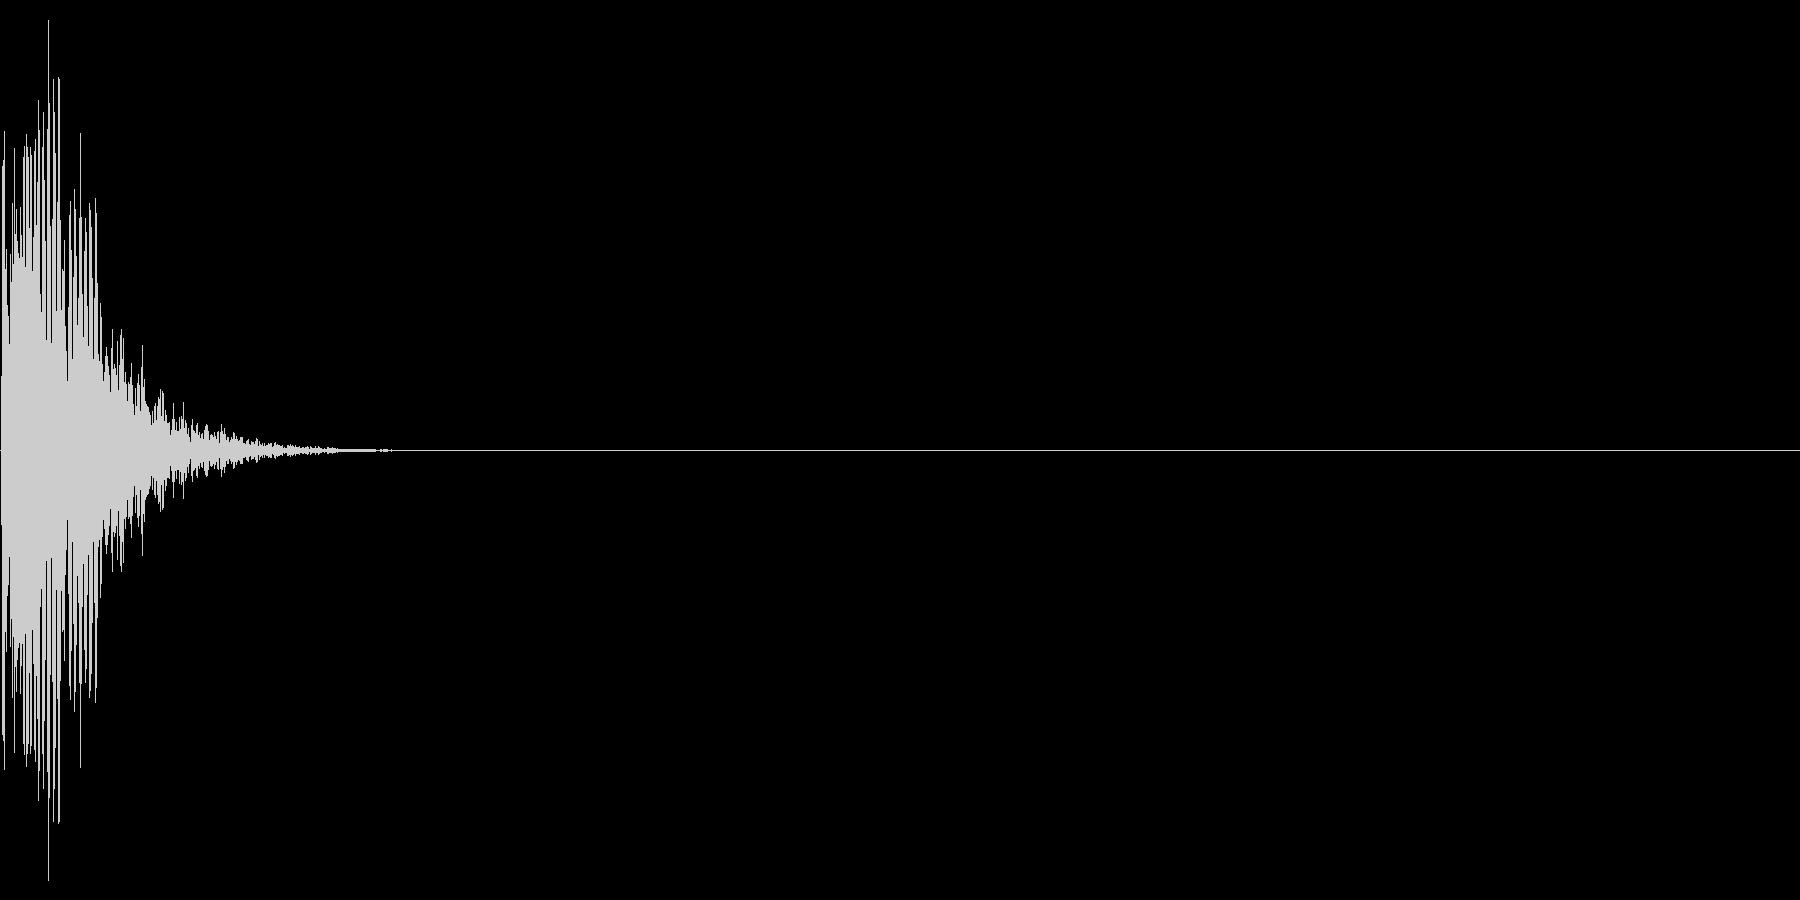 ゲーム・バラエティ的なパンチ音_03の未再生の波形